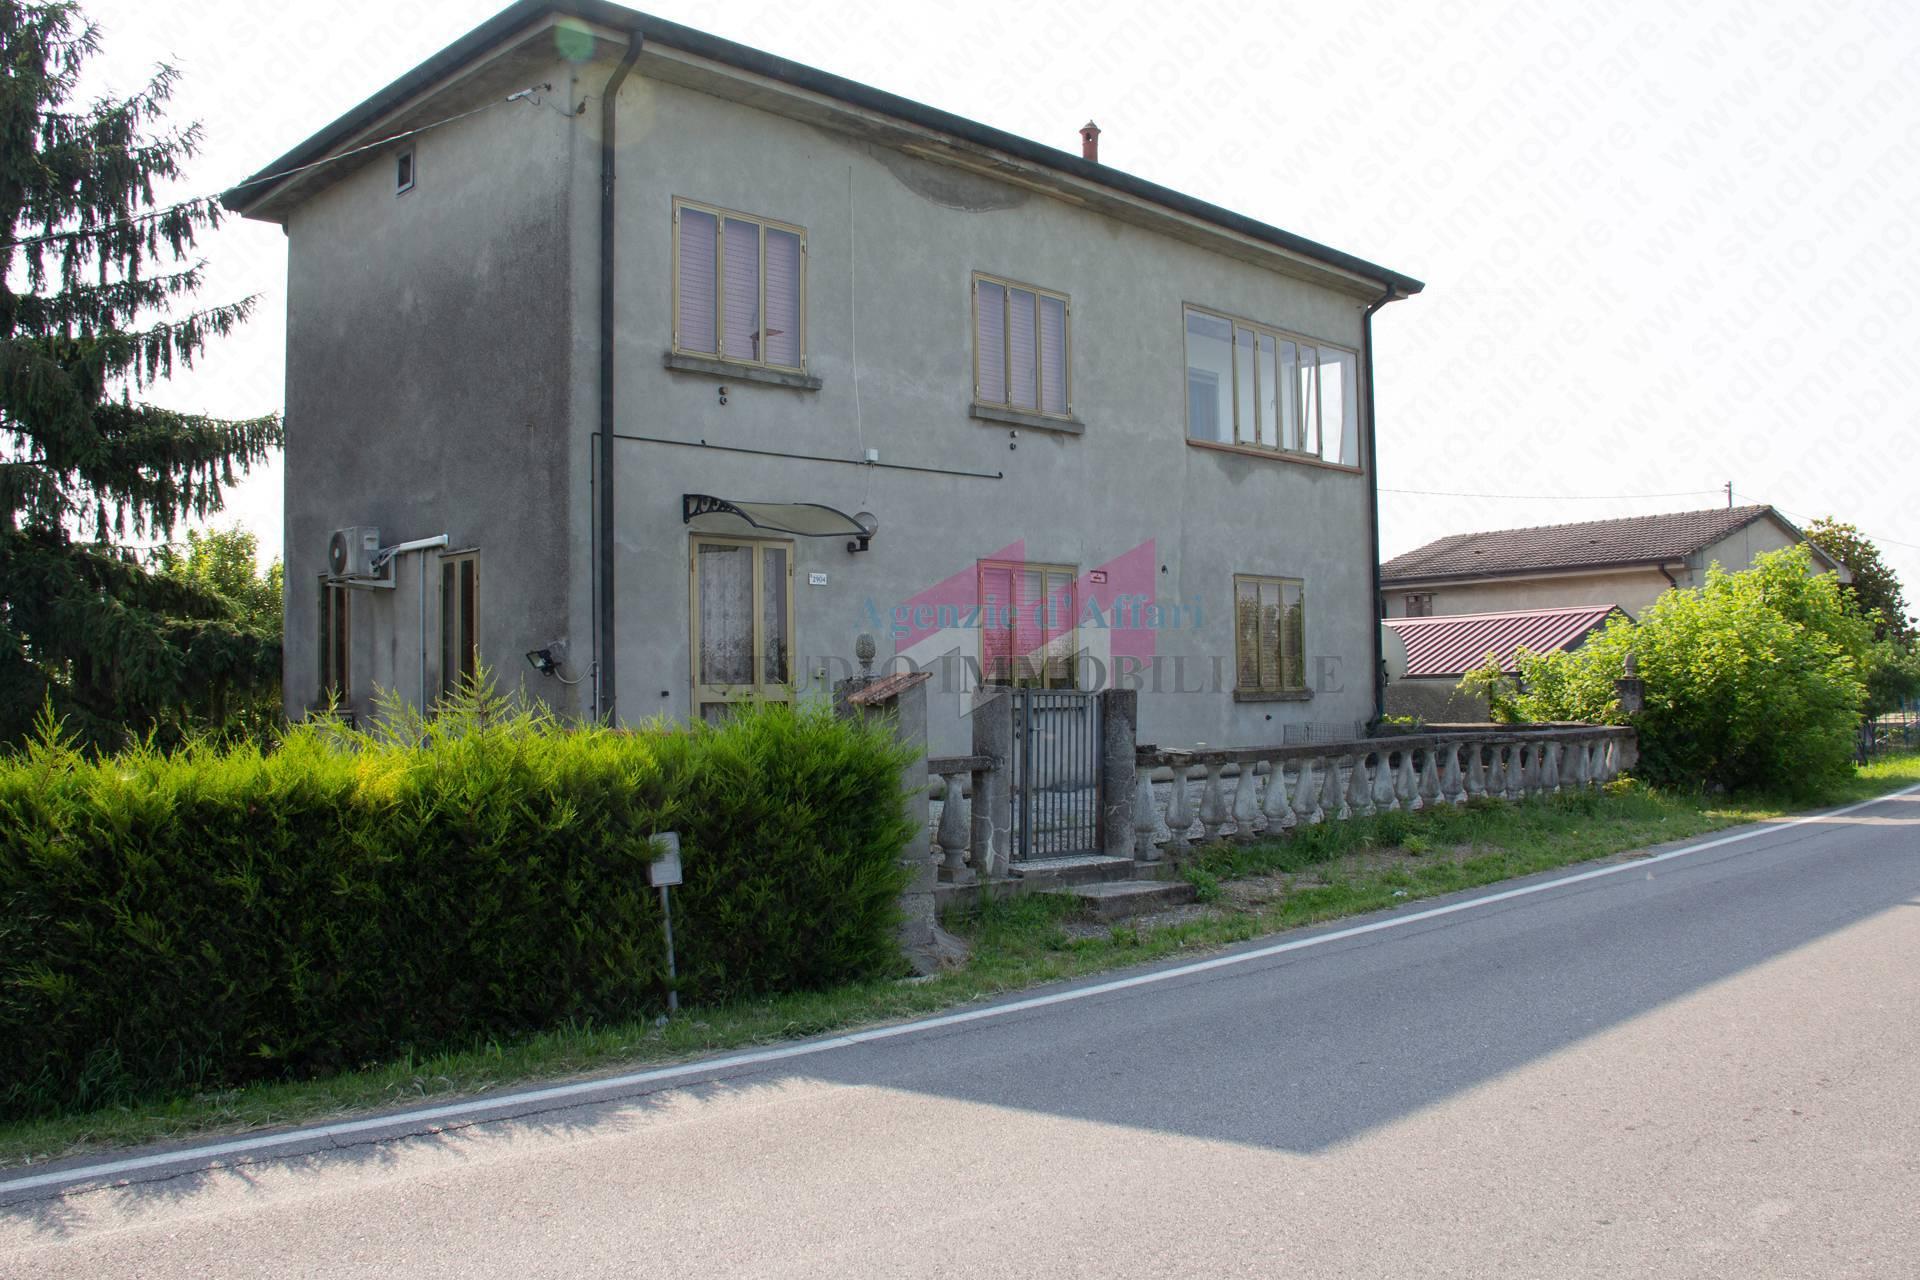 Soluzione Indipendente in vendita a Castelnovo Bariano, 5 locali, zona Località: Arella, prezzo € 40.000   PortaleAgenzieImmobiliari.it